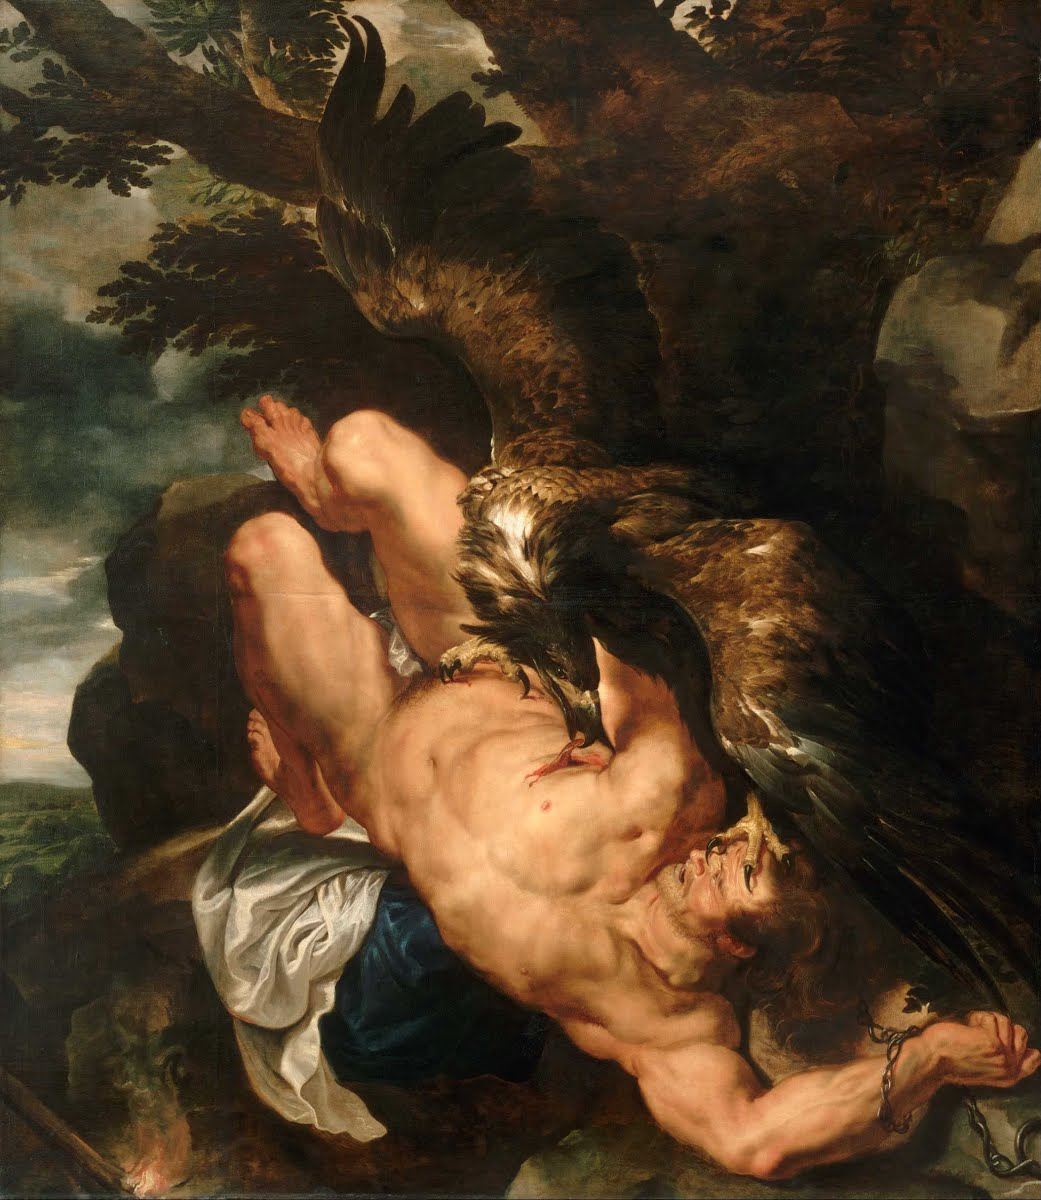 Прикованный Прометей. Питер Рубенс. 1612 год. Художественный музей, Филадельфия.